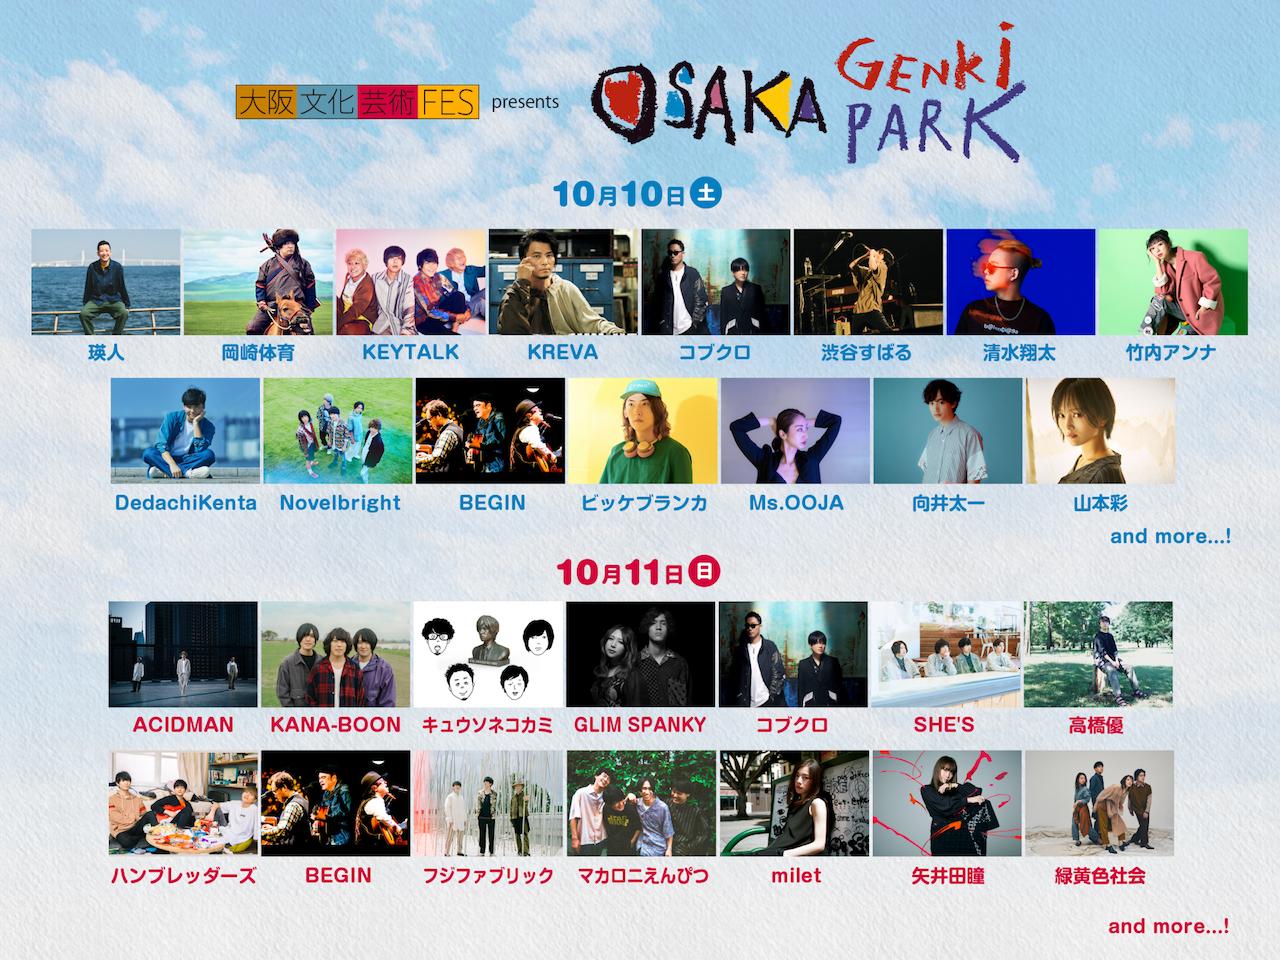 大阪文化芸術フェス presents OSAKA GENKi PARK